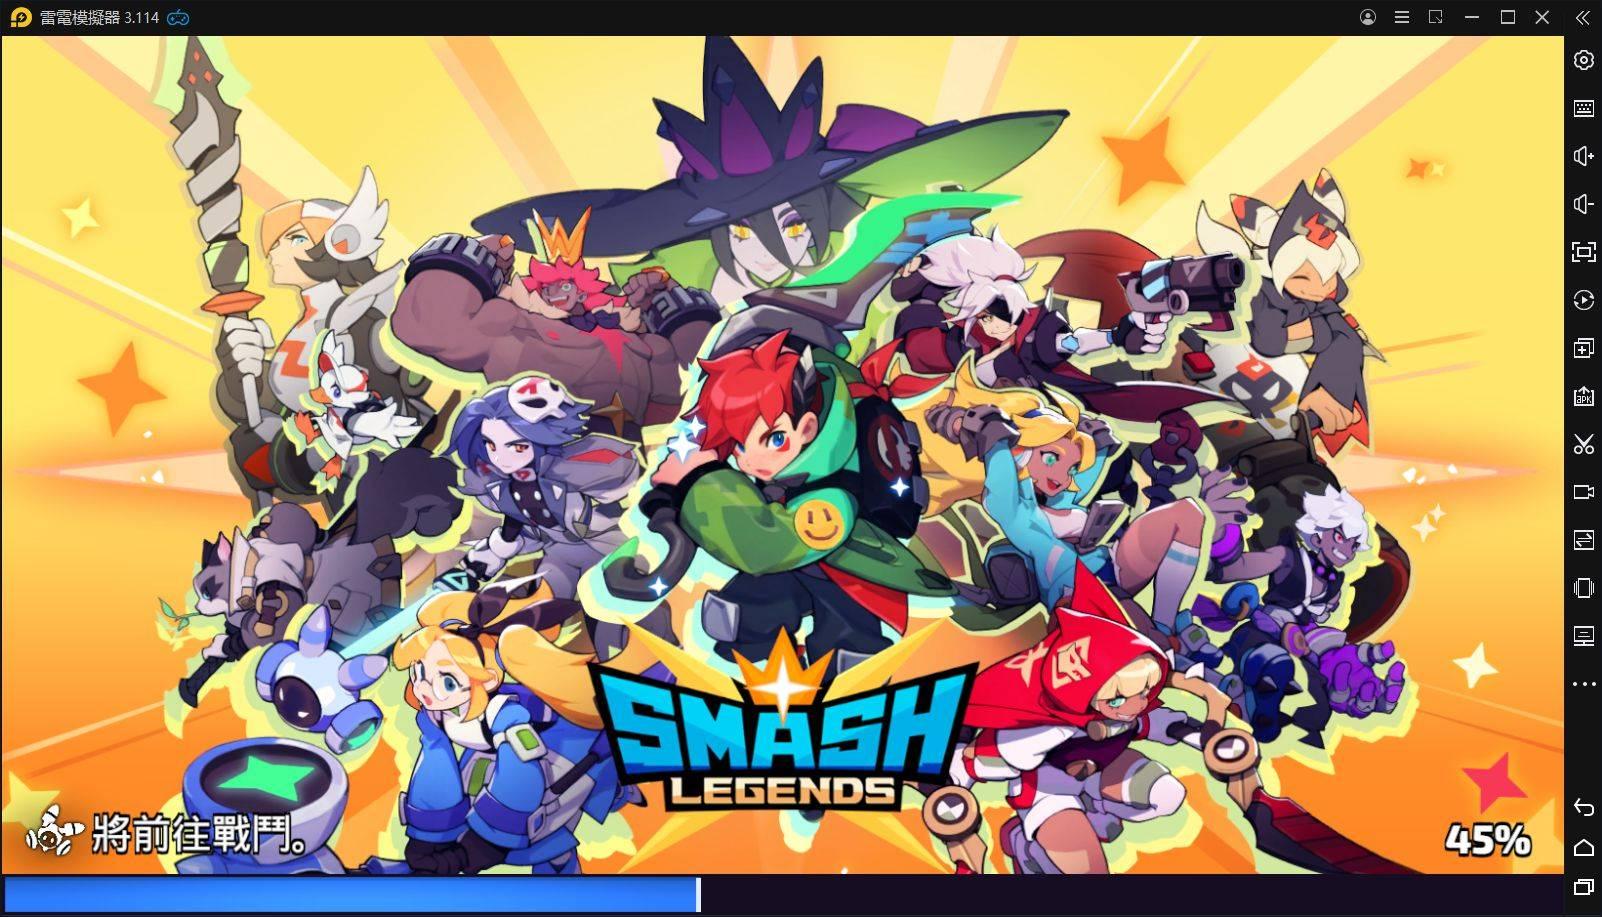 【攻略】《SMASH LEGENDS:傳奇大亂鬥》系統特色與傳奇取得方式